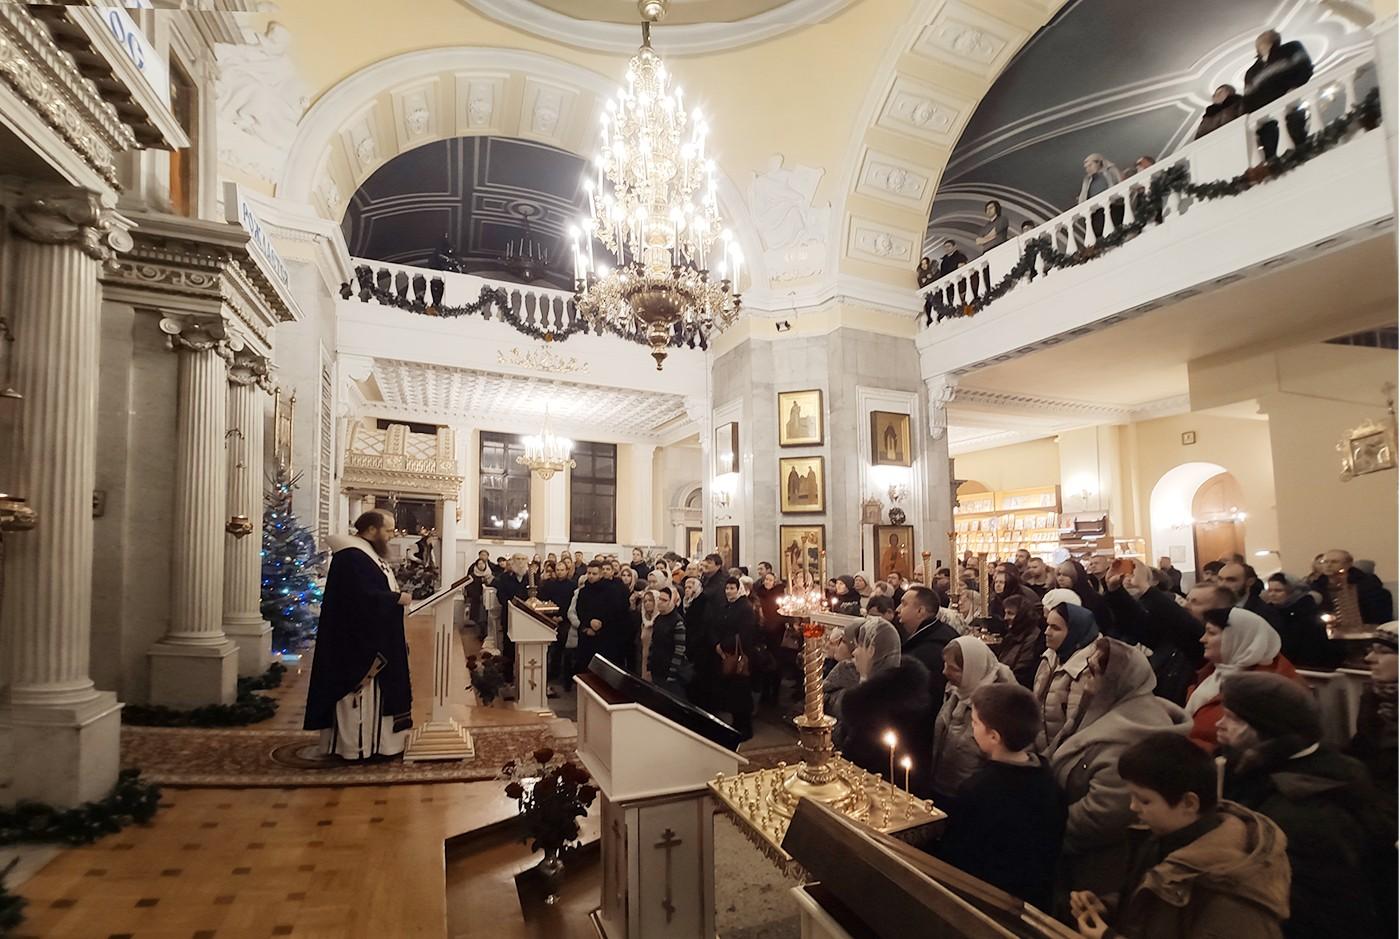 Митрополит Тверской и Кашинский Савва провёл божественную литургию в новогоднюю ночь